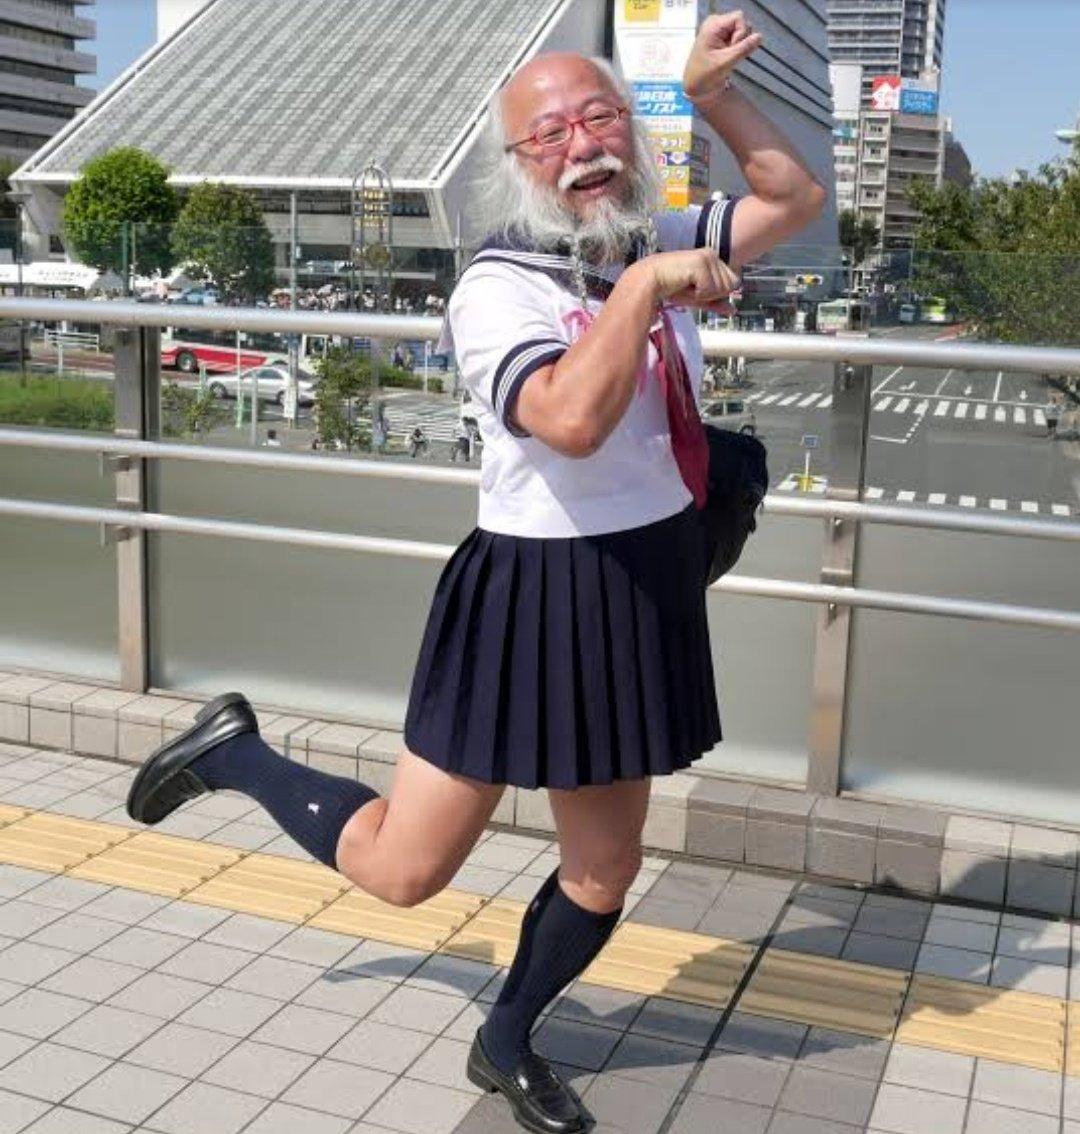 コロナ 文句言えへん 服装 違和感 スカートに関連した画像-02